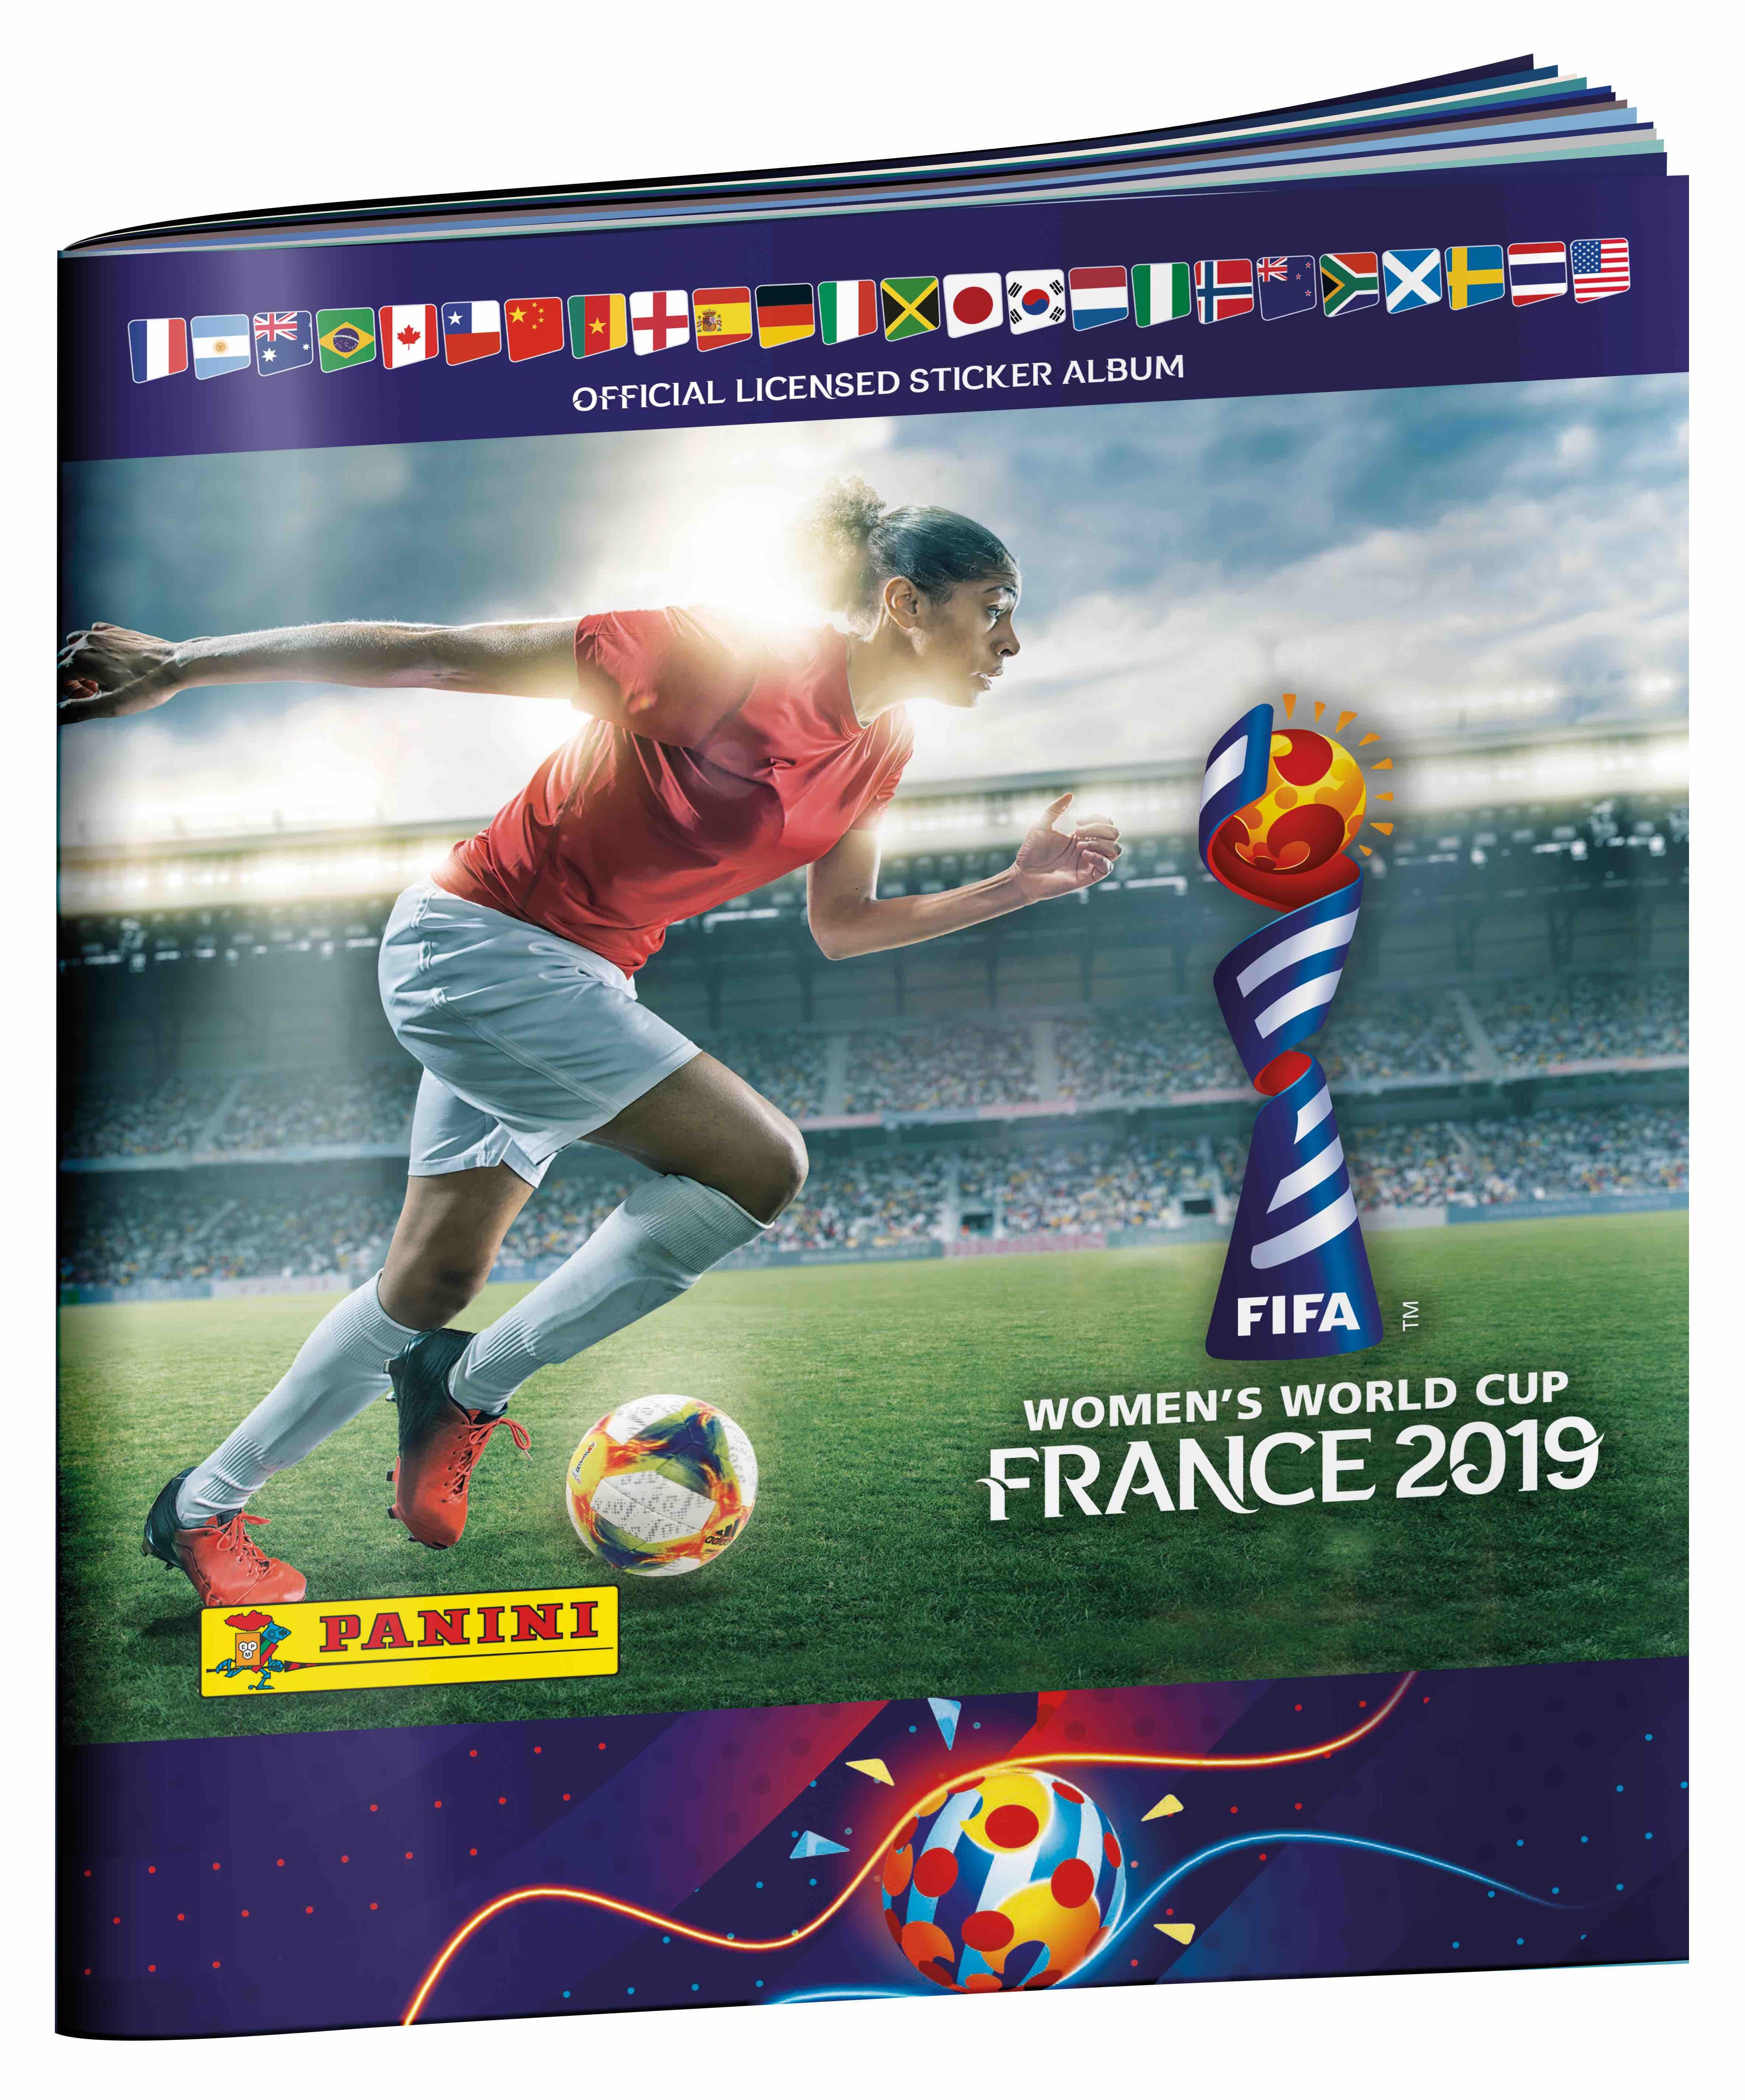 panini pr u00e9sente son album d u00e9di u00e9  u00e0 la coupe du monde